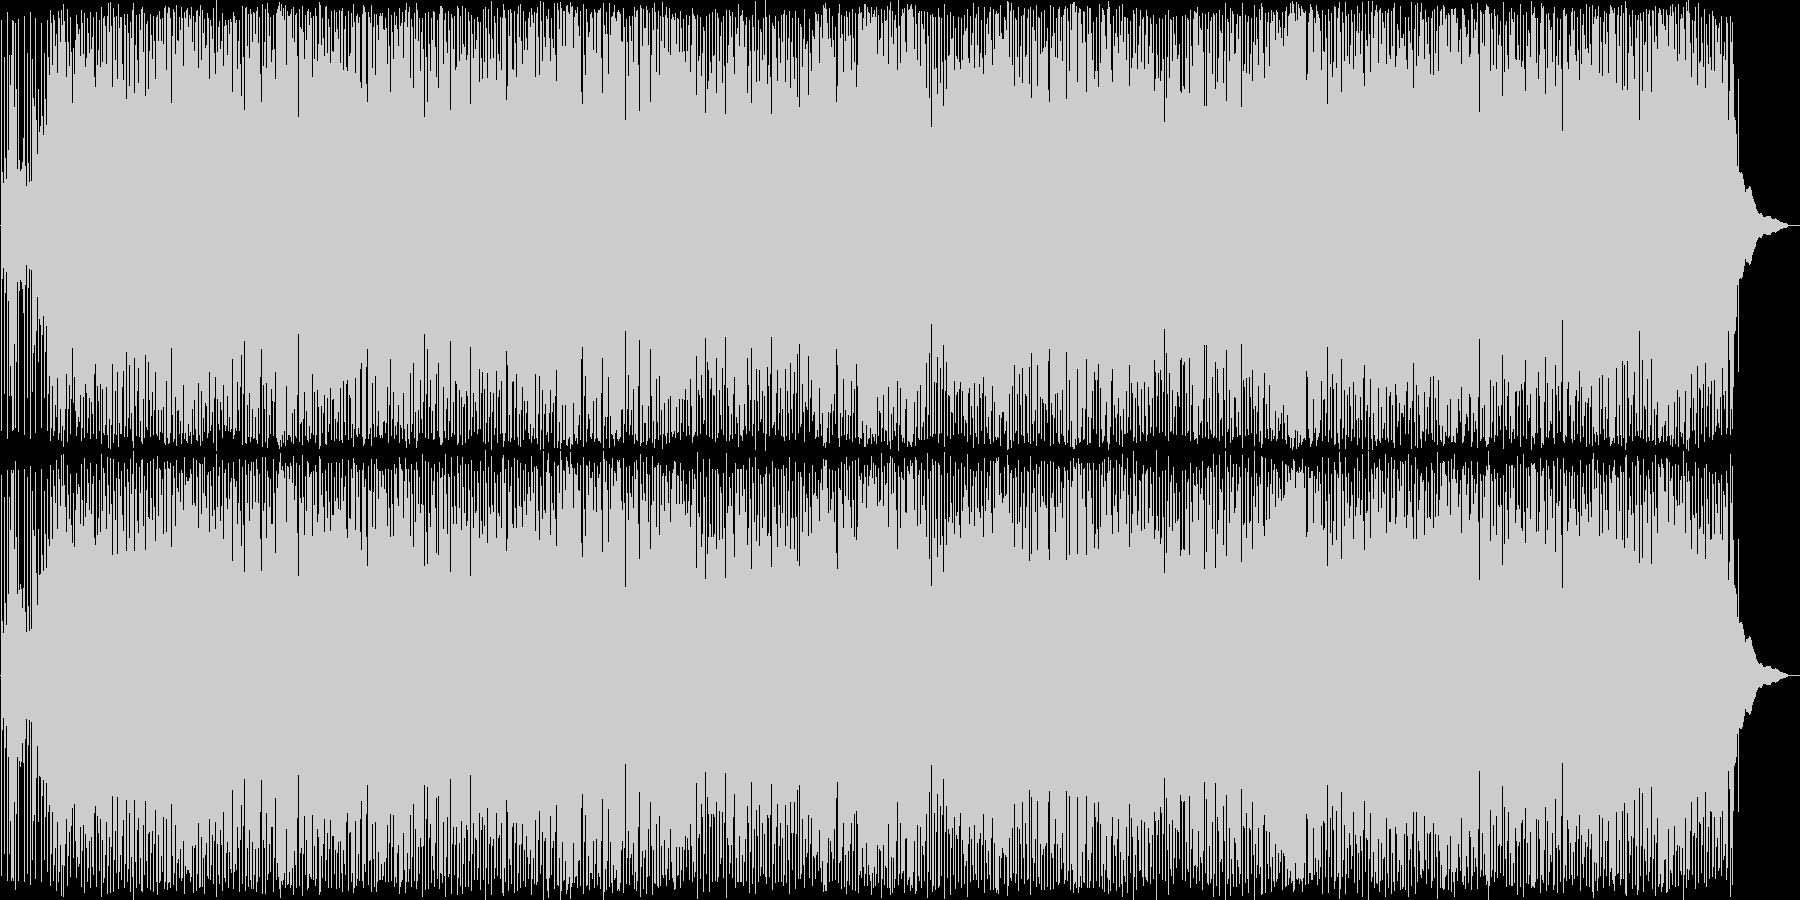 楽しげなカントリーミュージックの未再生の波形